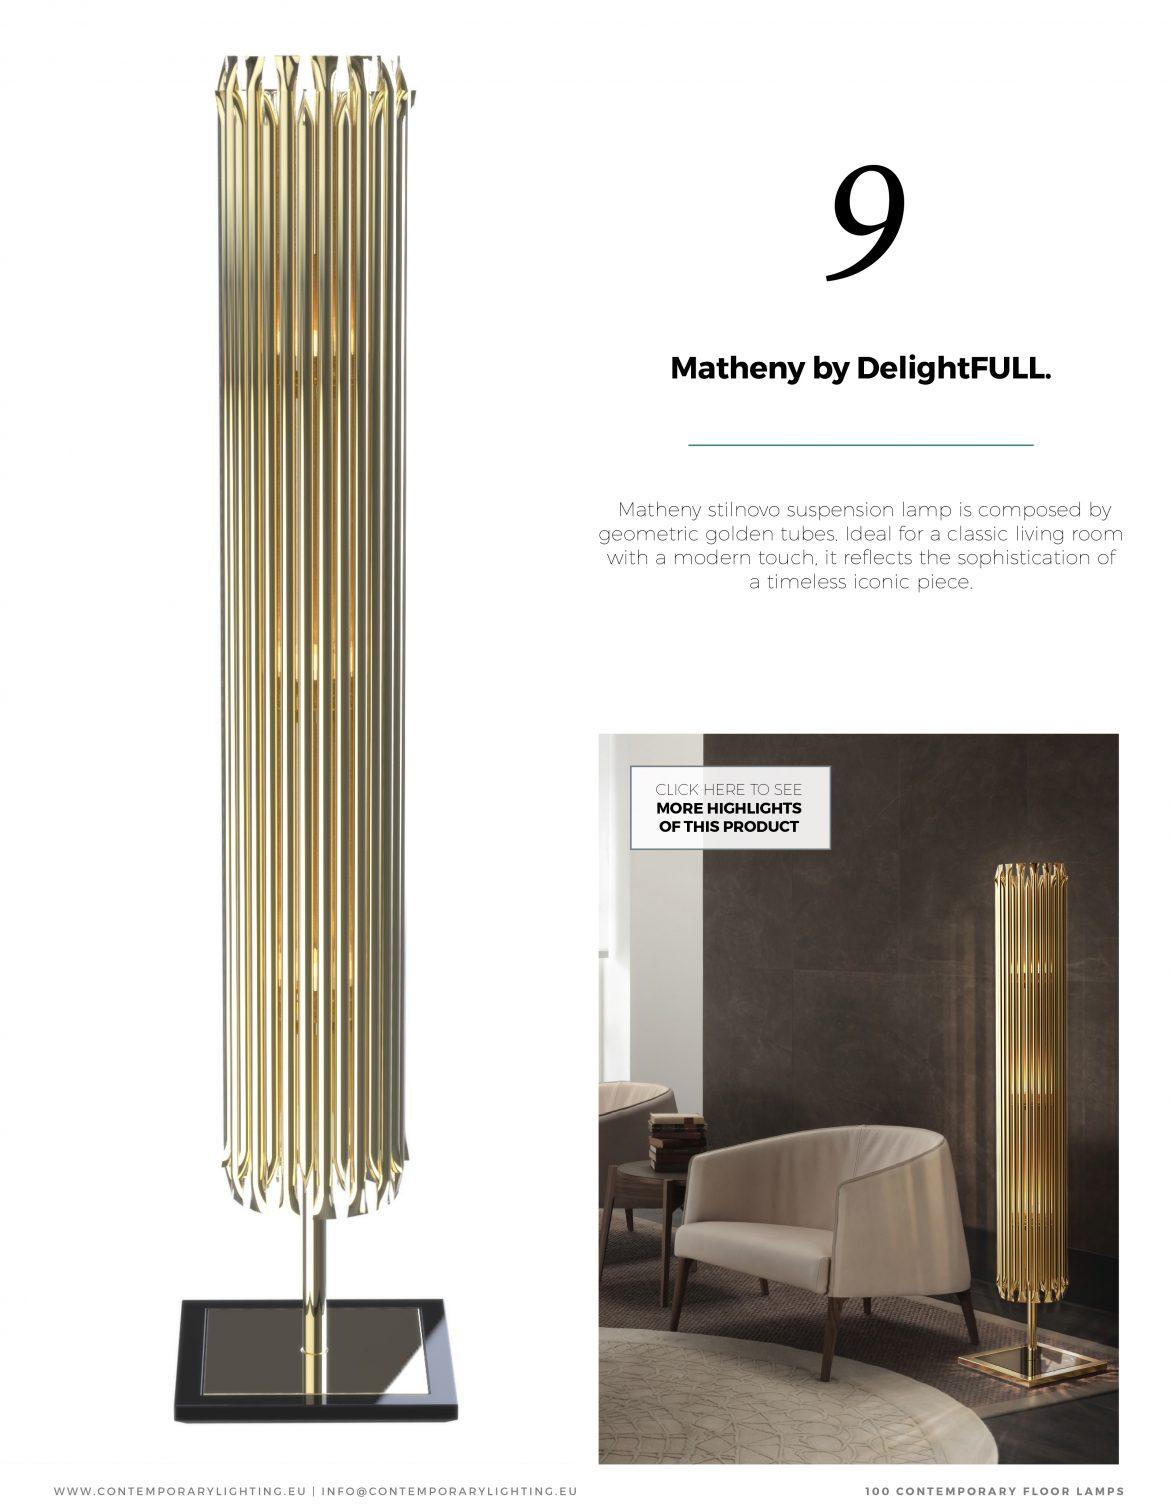 100 Zeitgenössiche Stehlampe E-Büch 100 ContemporaryFloorLamps 11